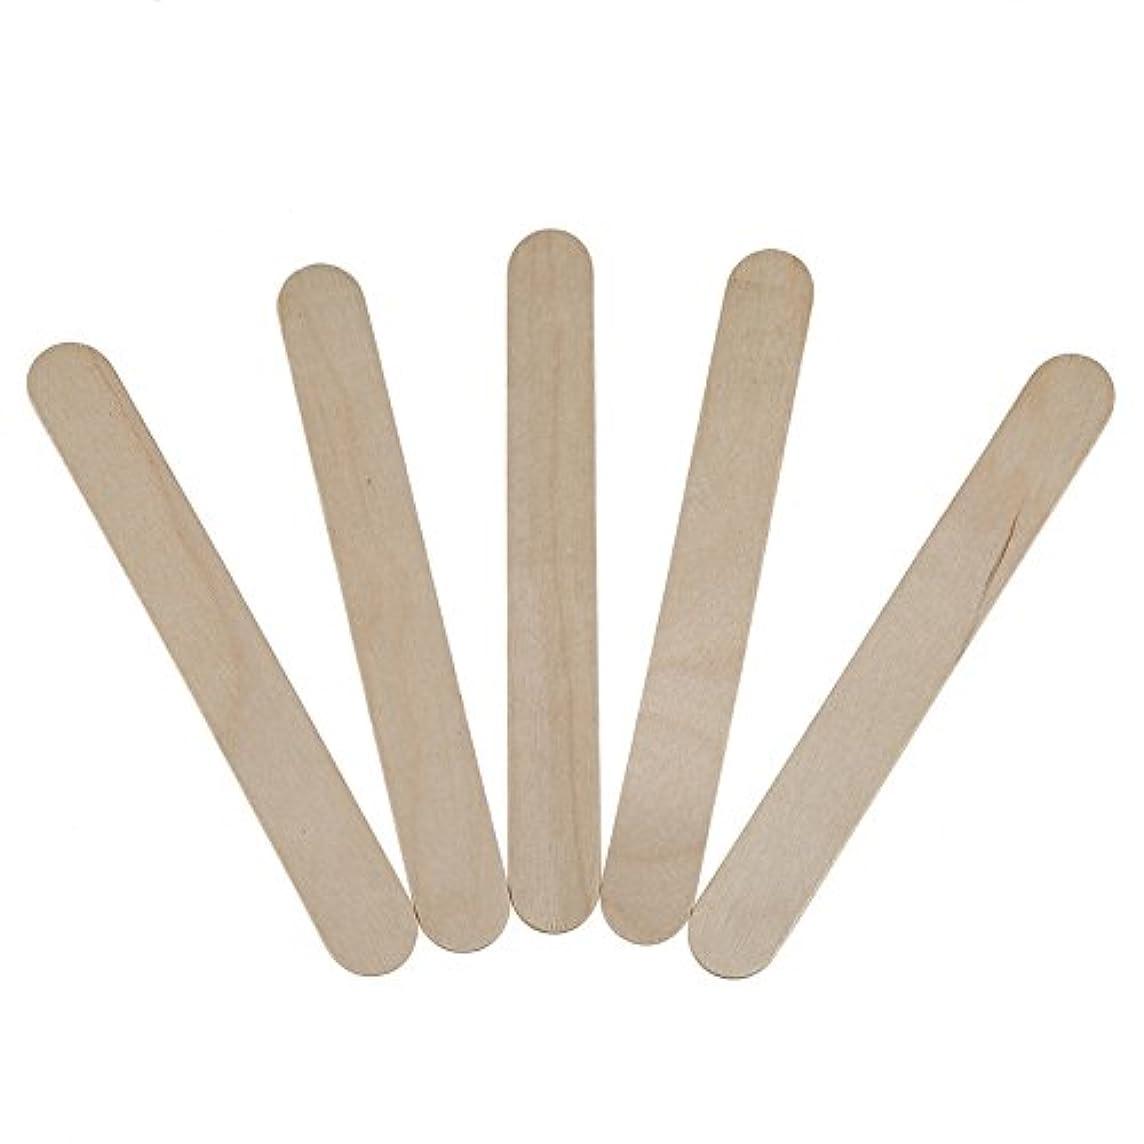 壮大な冷える量使い捨てワックススパター5本サロンヒーターワックススティック脱毛ホットワックスビーンスパチュラセット